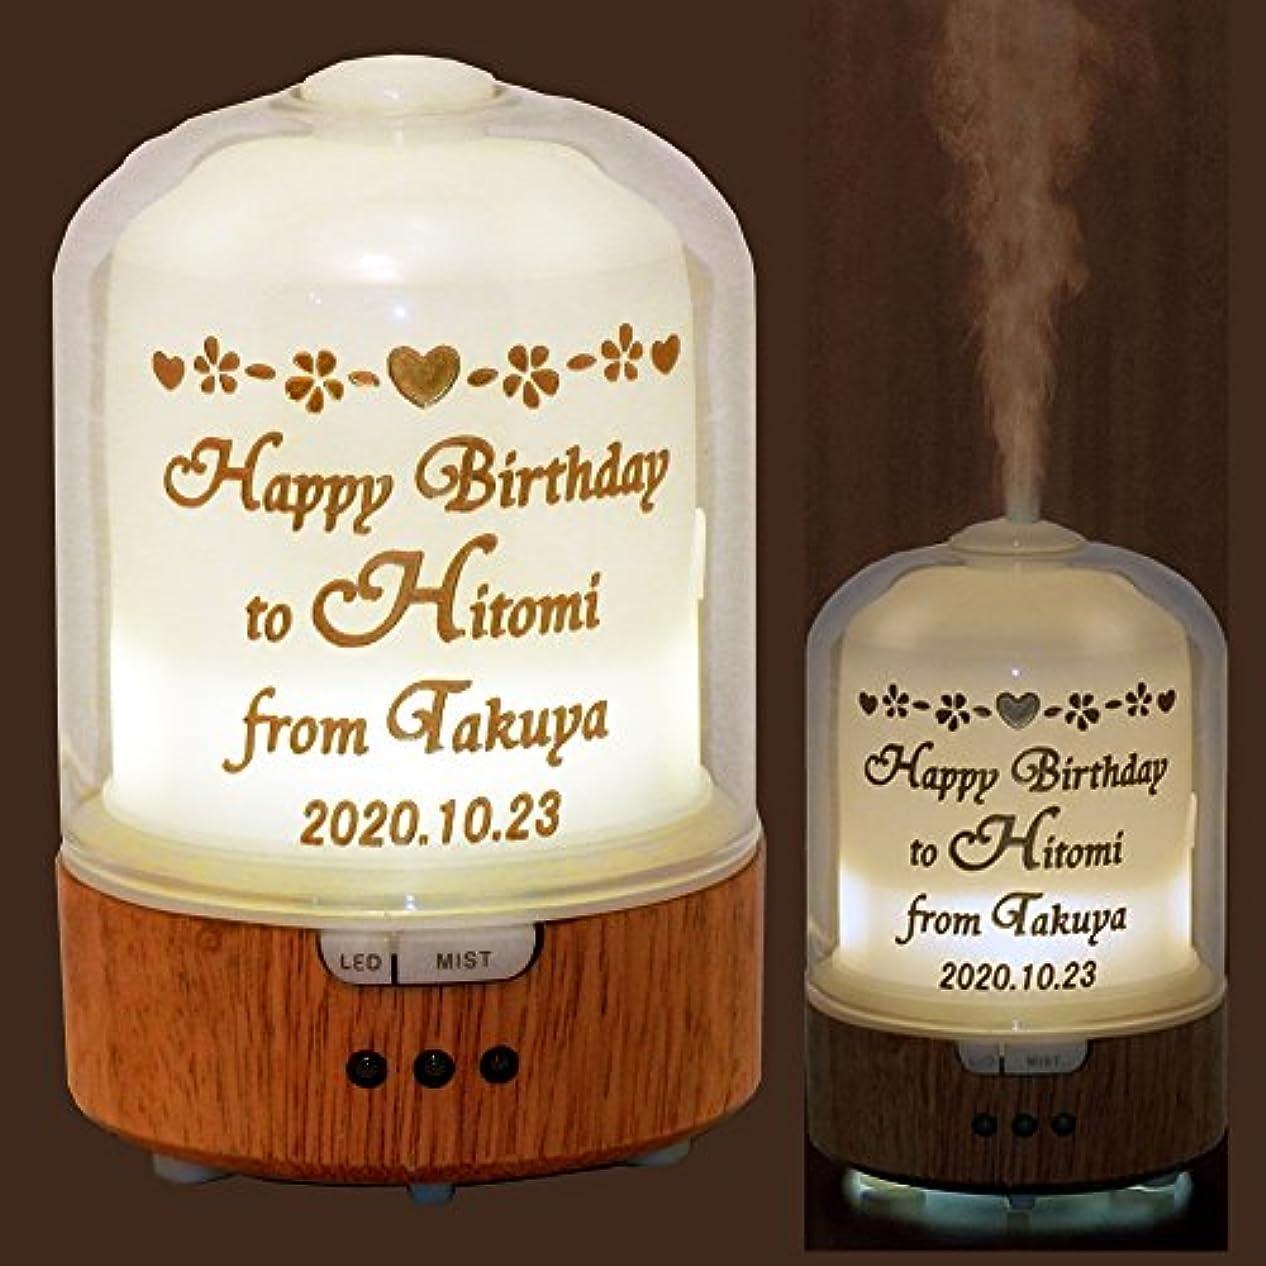 怒ってへこみ着陸名入れ 名前 アロマディフューザー 加湿器 超音波式 還暦 誕生日 母の日 女性プレゼント